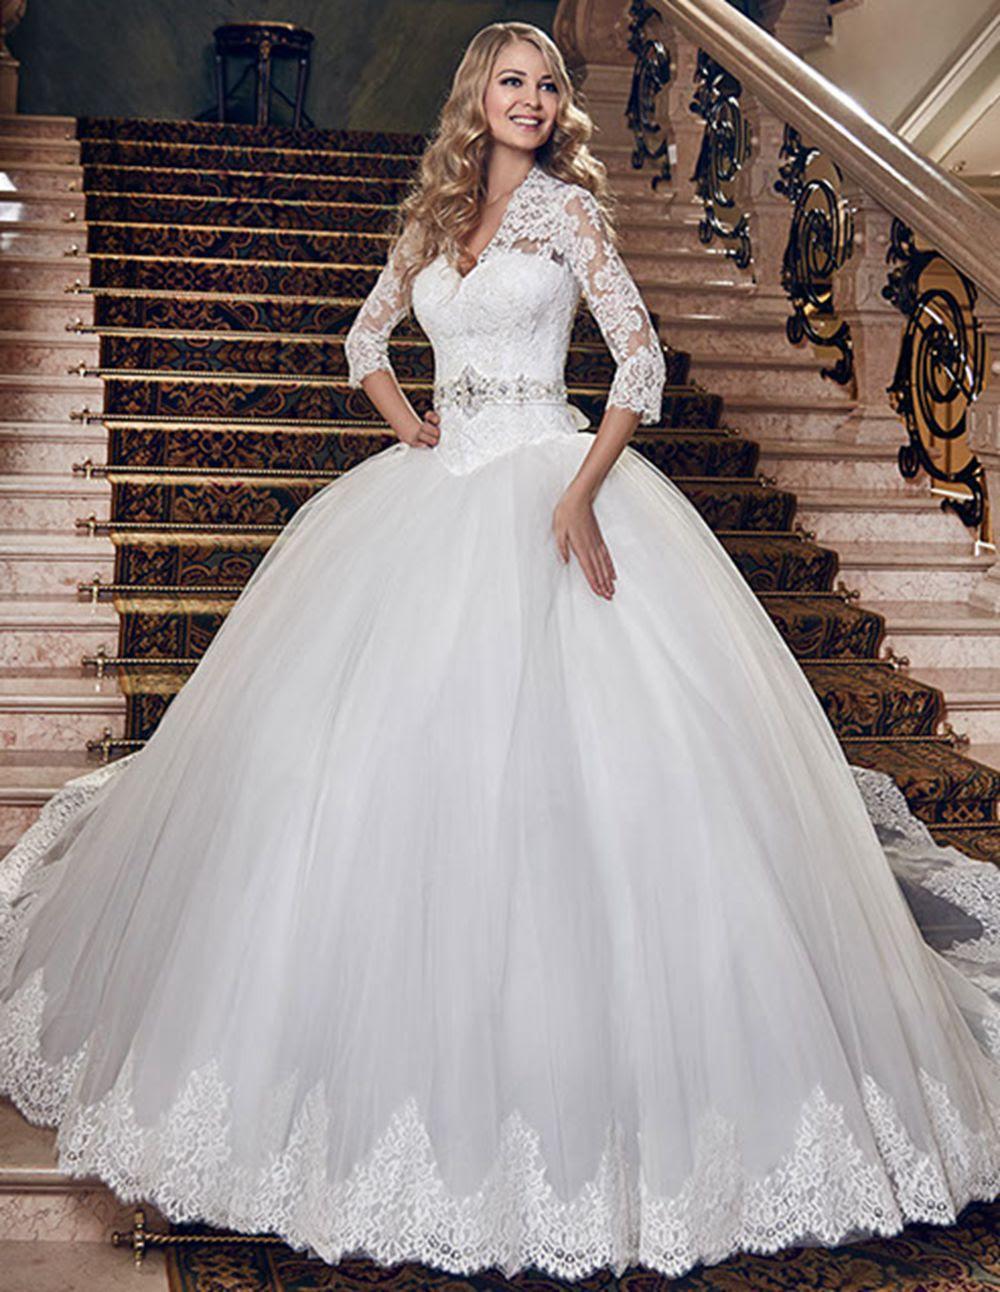 96ec480e42 Estos son algunos modelos que te pueden ayudar a la hora de elegir tu  vestido para ese momento super especial de tu vida.